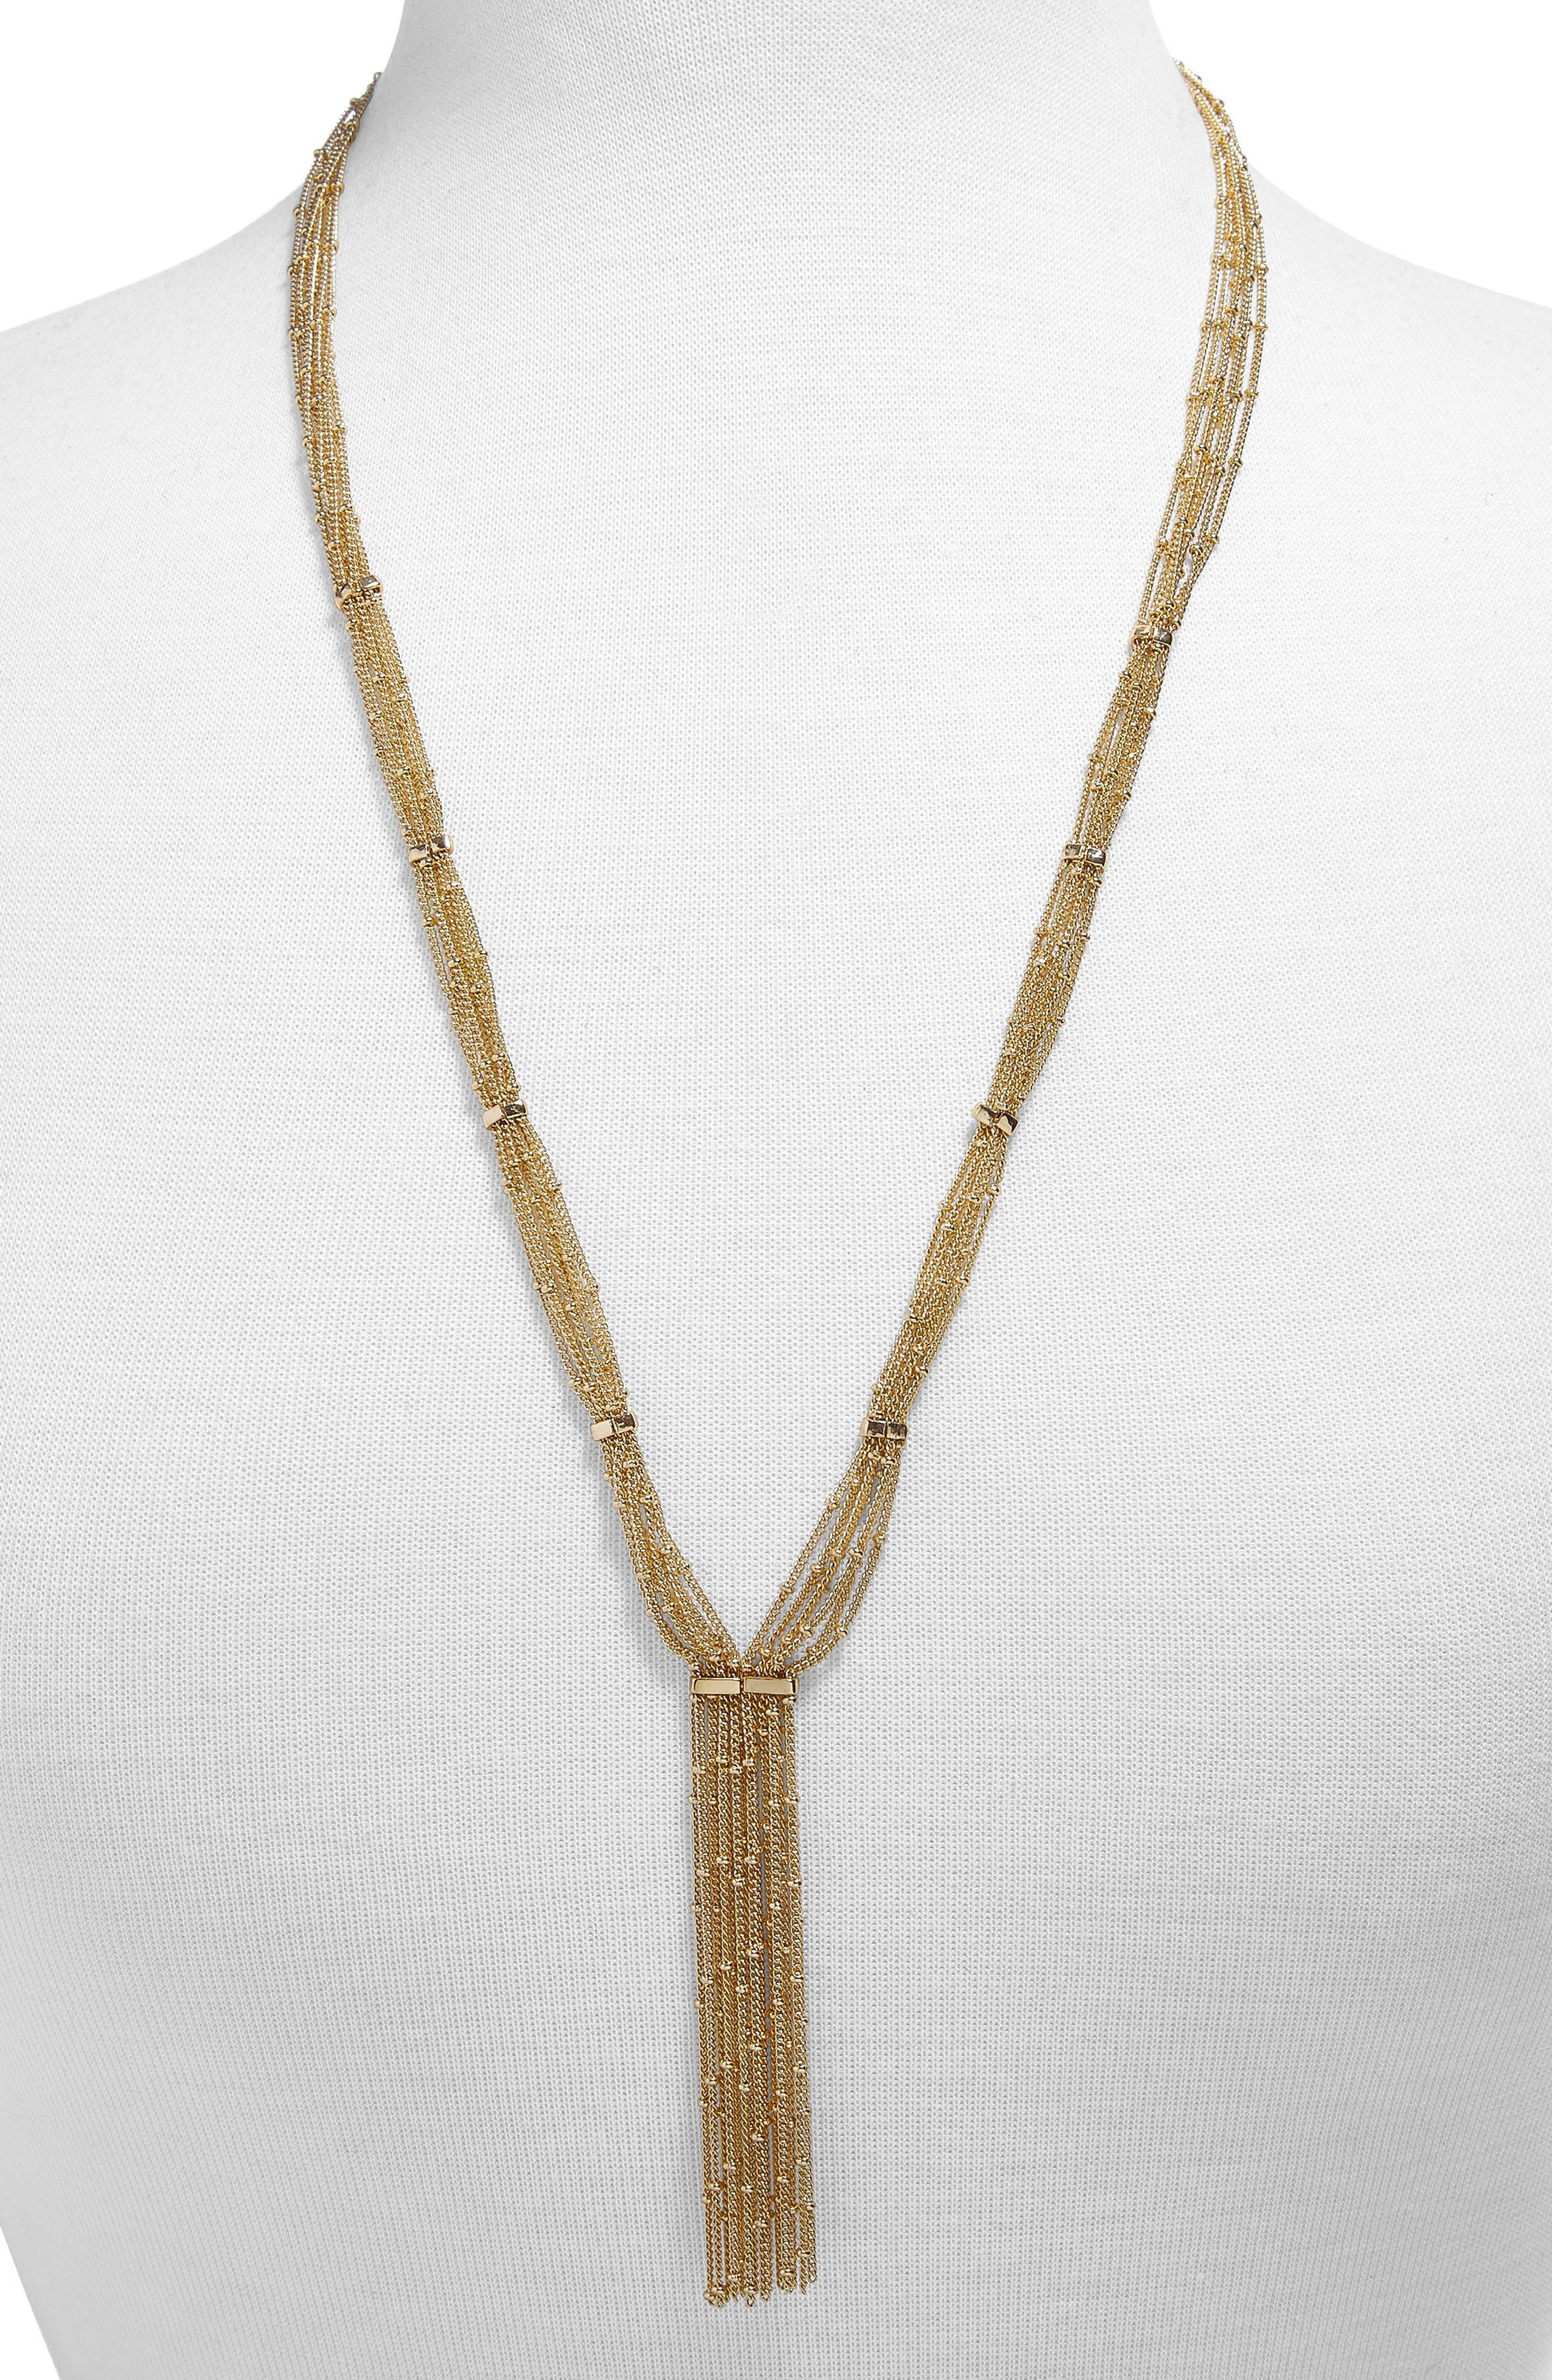 Pavanne Chain Y-Necklace,                             Main thumbnail 1, color,                             714